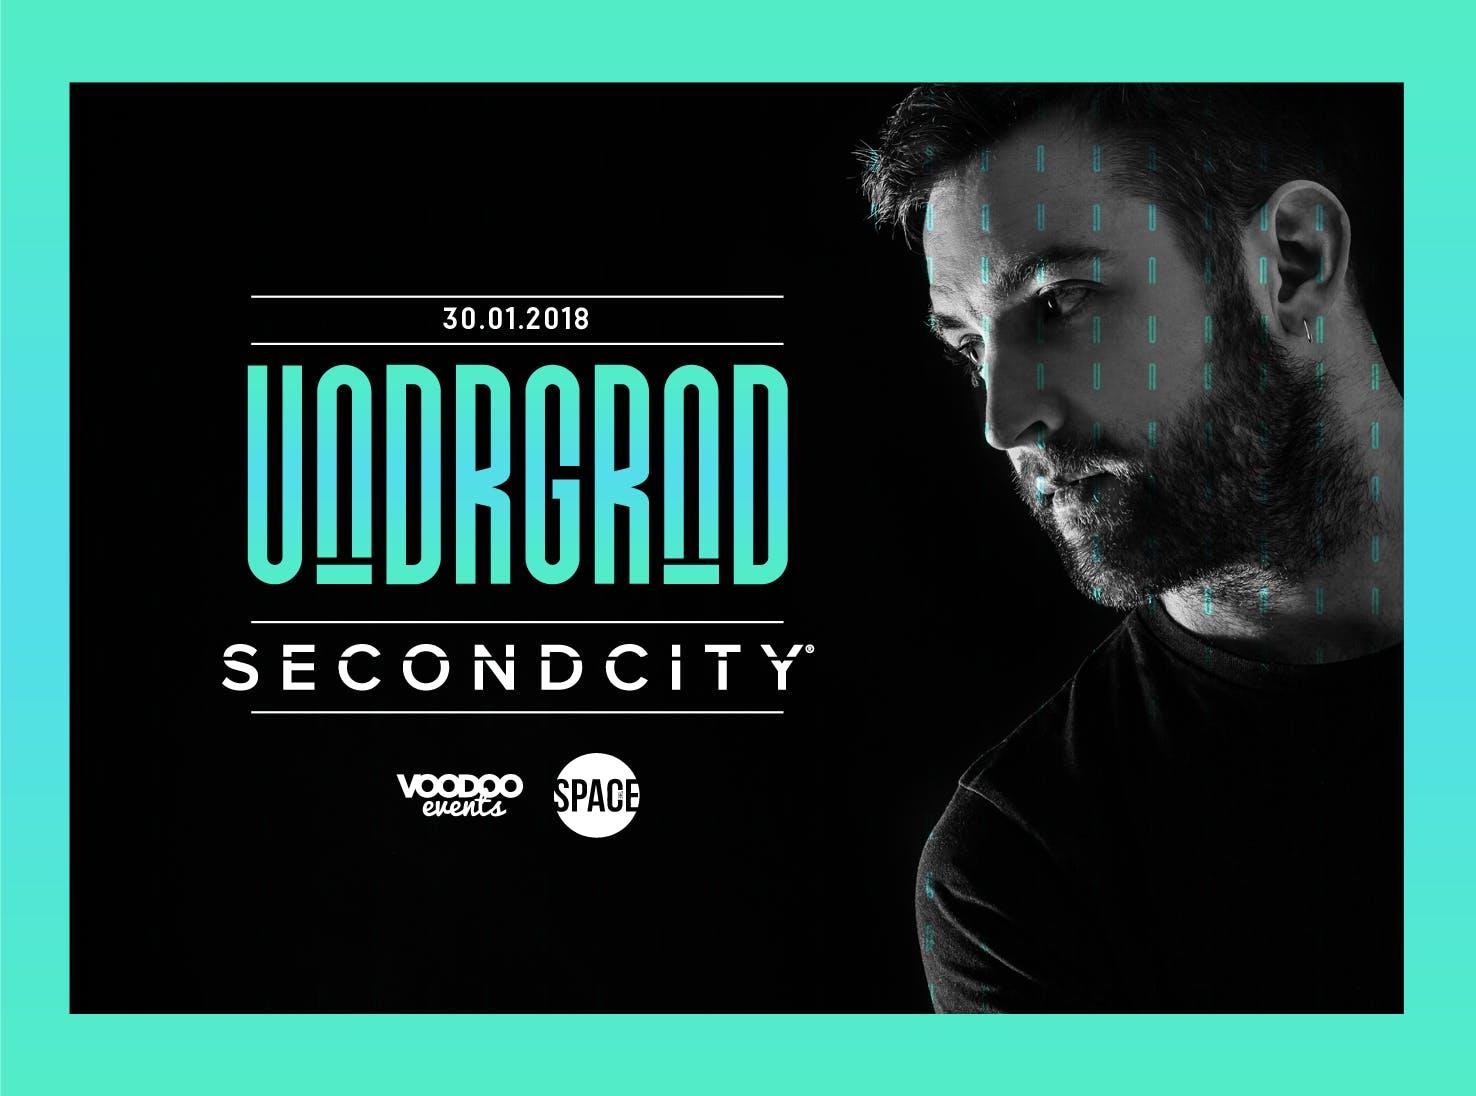 UNDERGROUND presents Secondcity